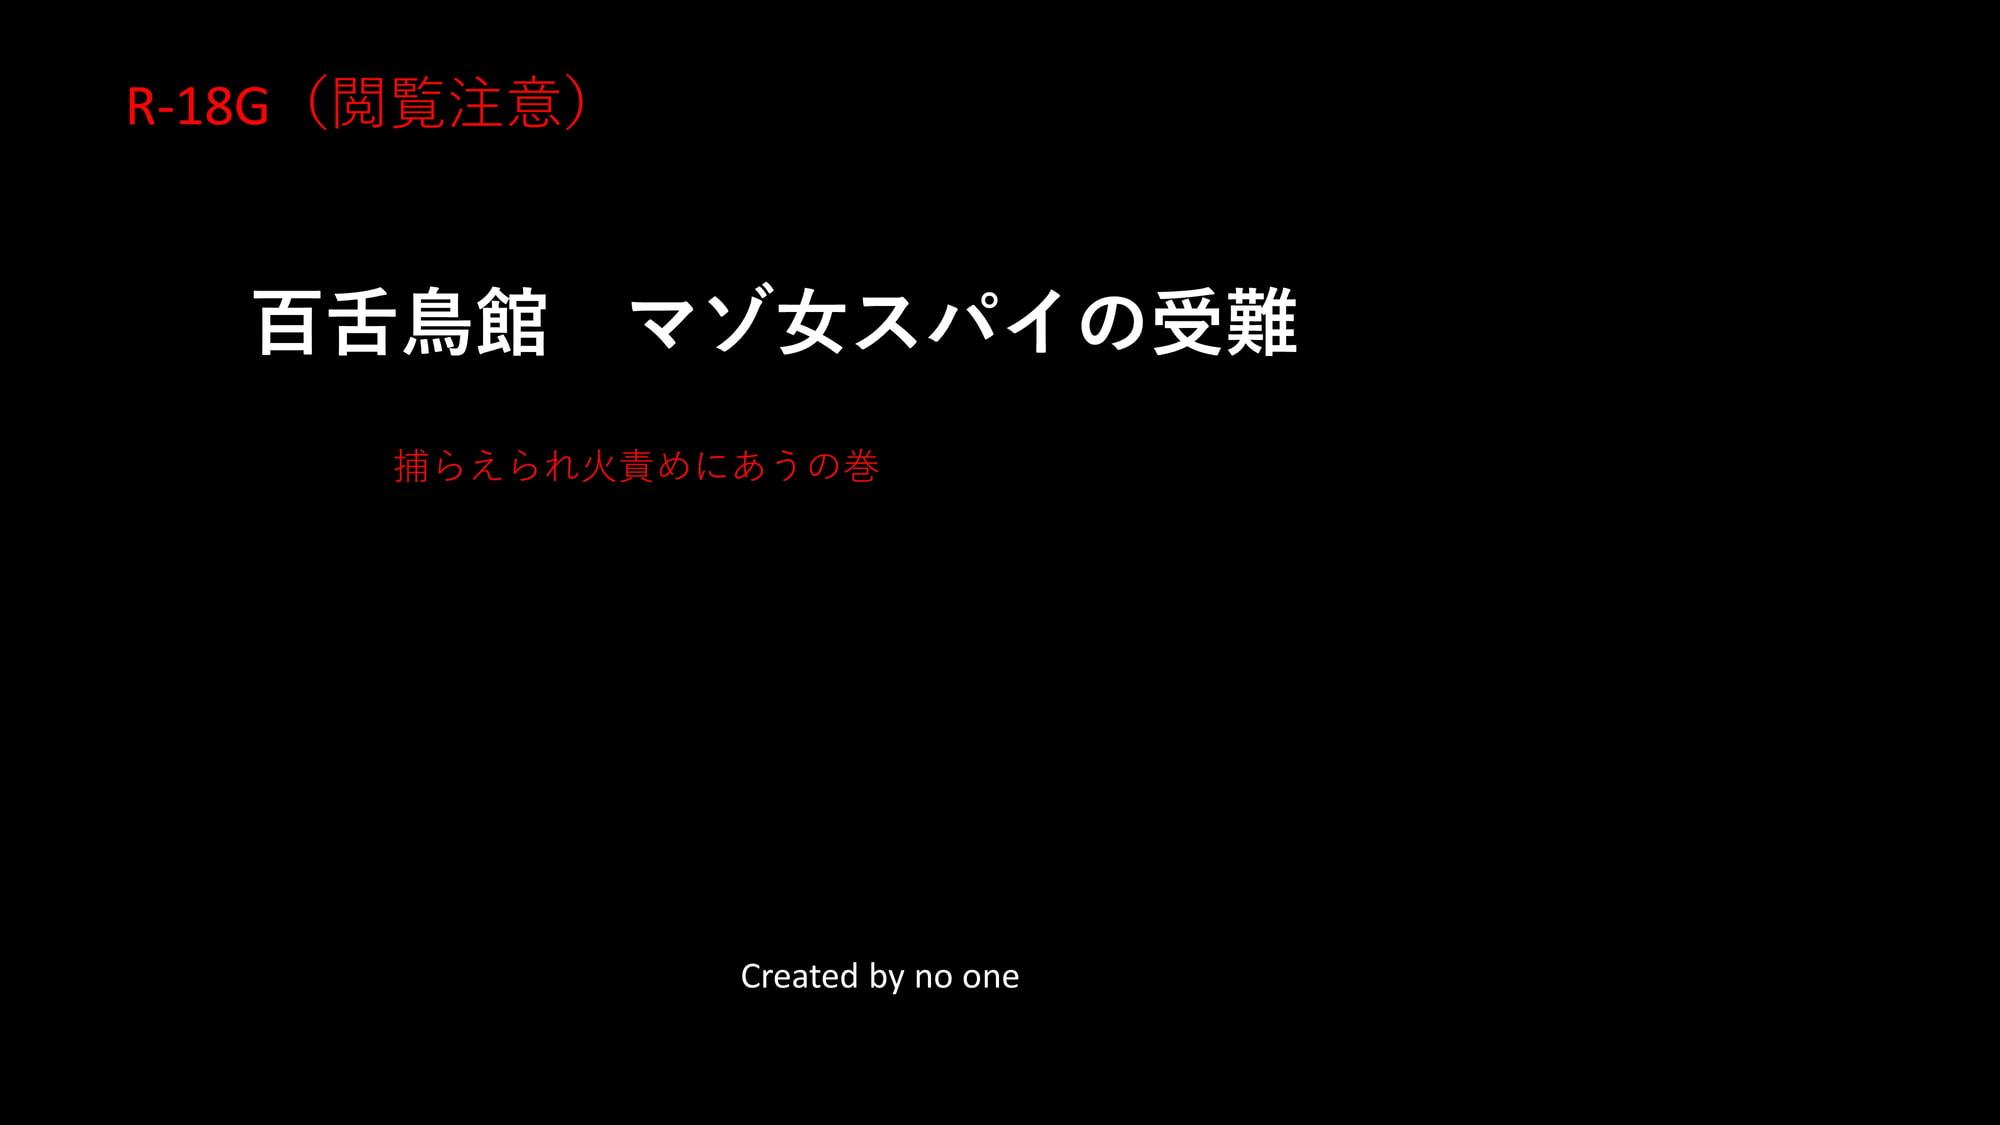 RJ343613 百舌鳥館シリーズ マゾ女スパイの受難 [20210916]